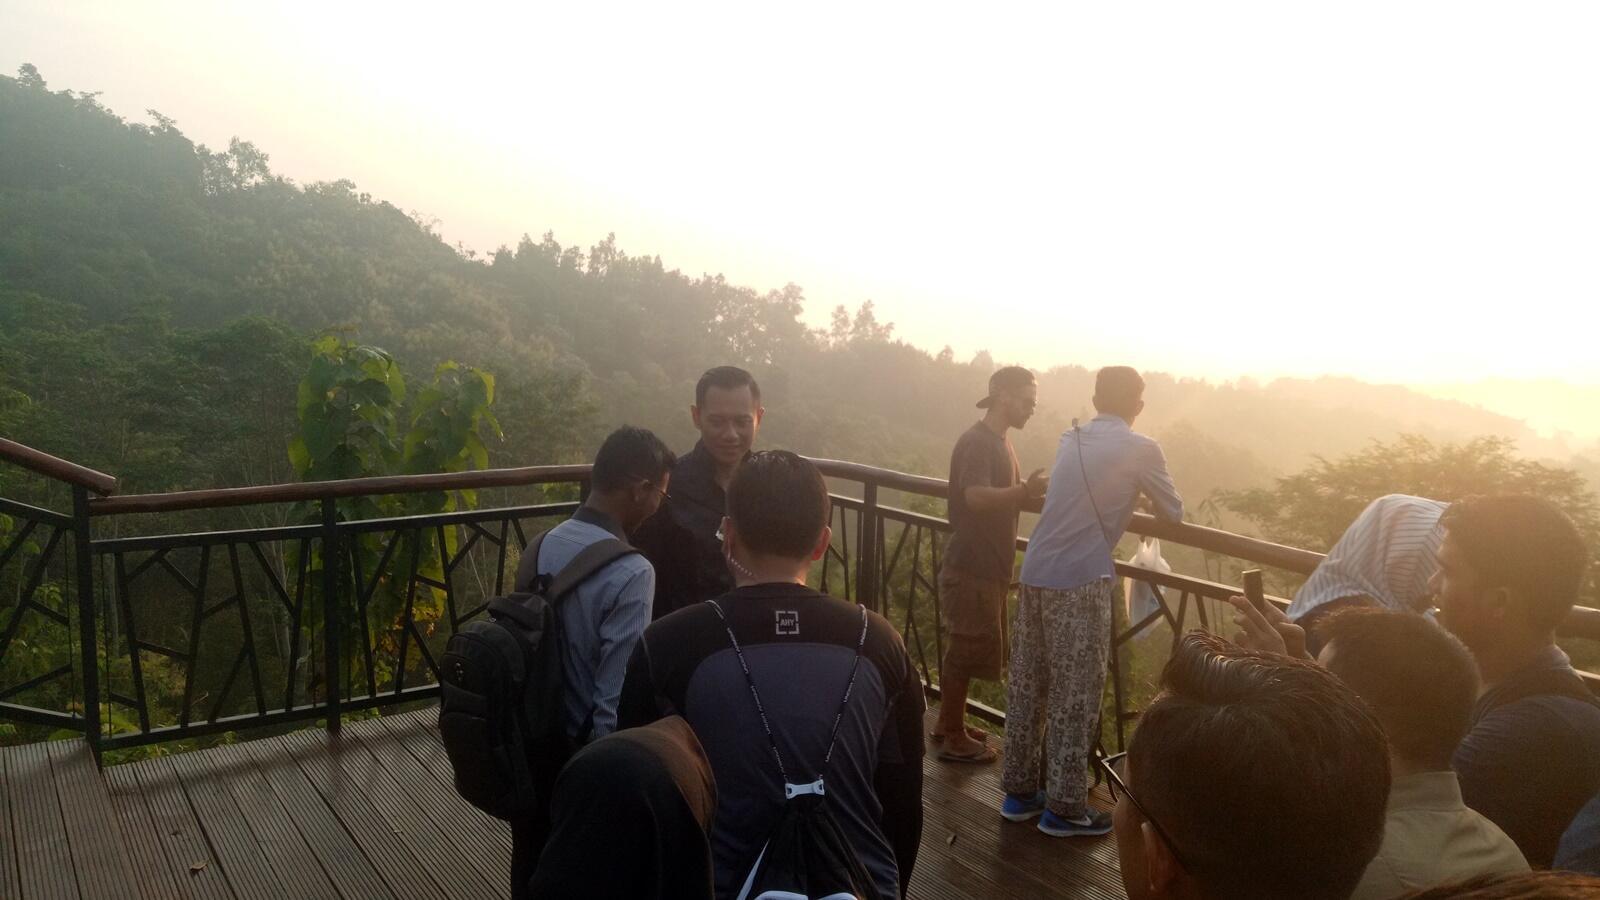 AHY di Magelang: Sambangi SMA TN hingga Lihat Sunrise Borobudur